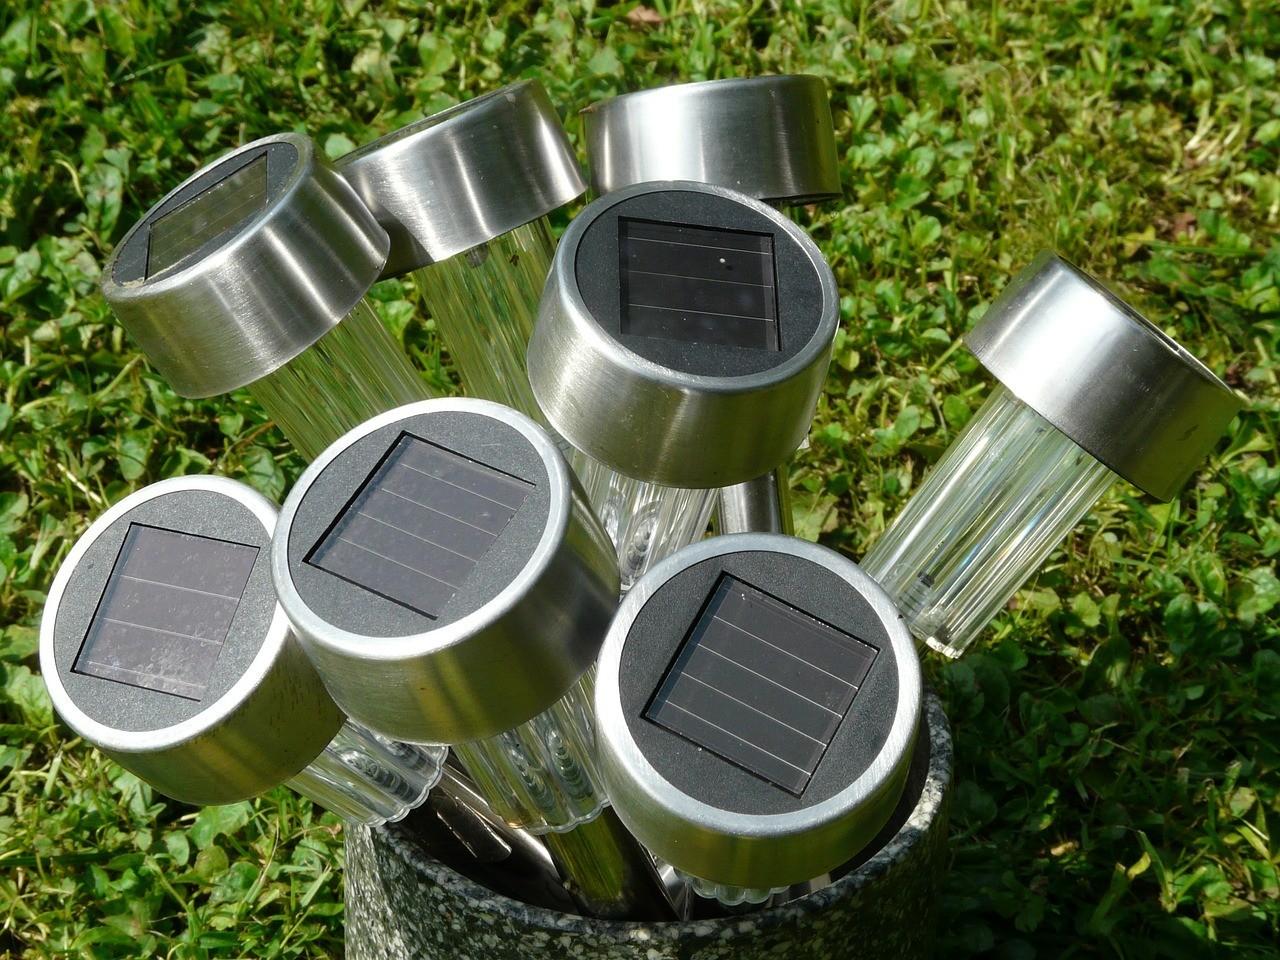 L mparas solares para el jard n - Lamparas solares para jardin ...